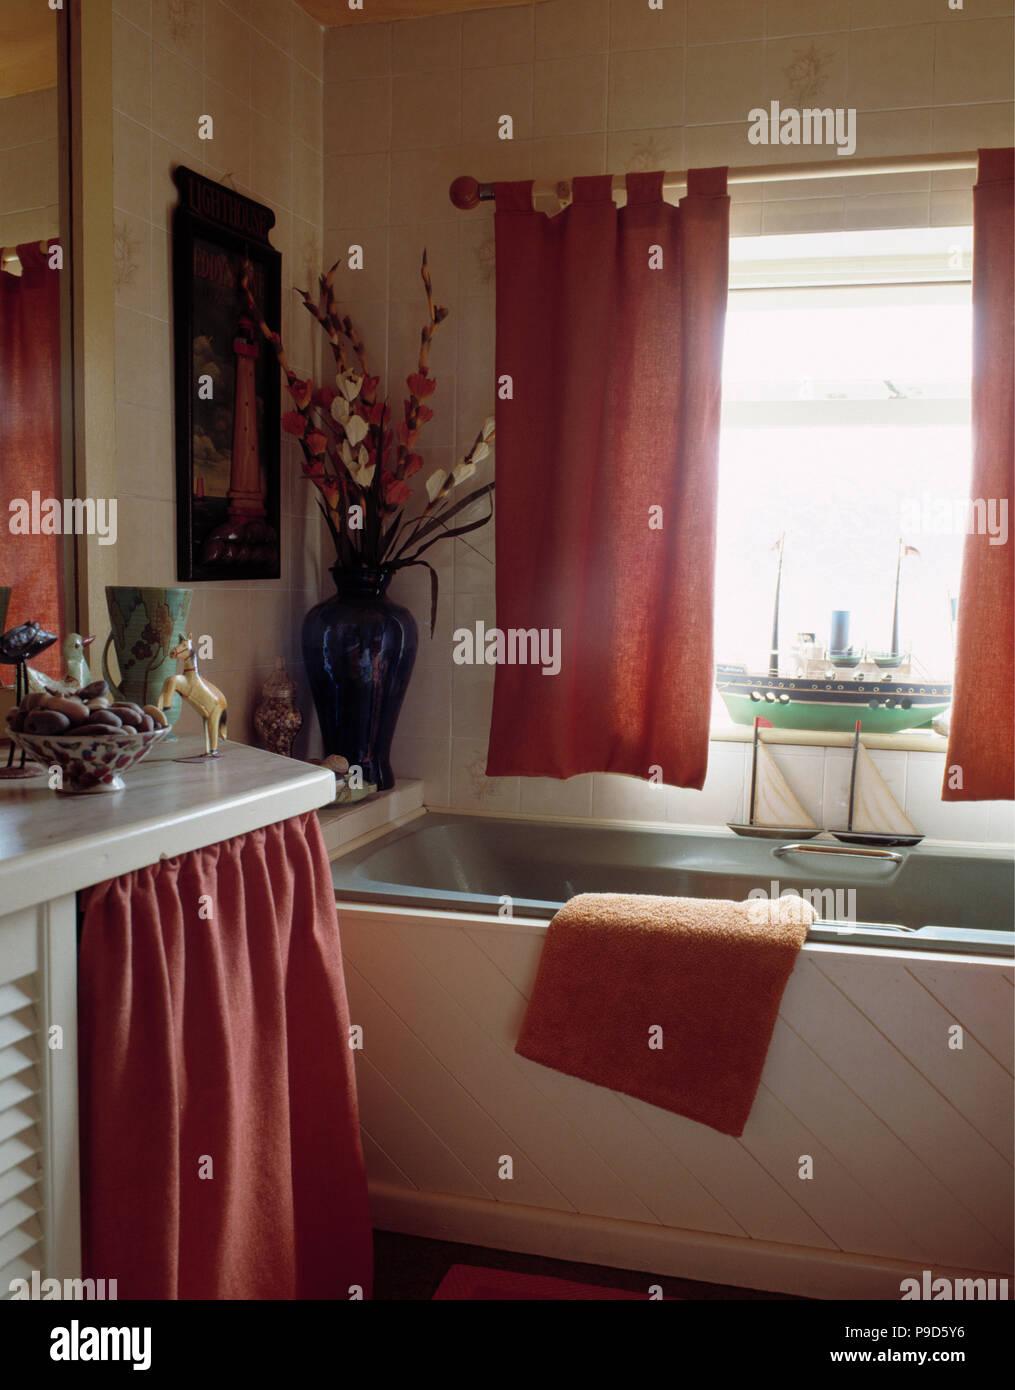 Rideaux fenêtre rose sur gris ci-dessus dans une salle de ...